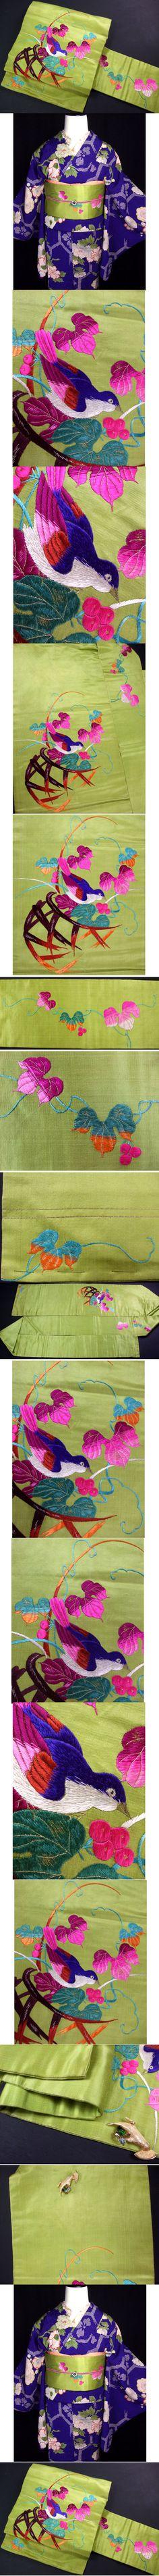 春のsale!!b739青い鳥!手刺繍アンティークなごや帯 - ヤフオク!